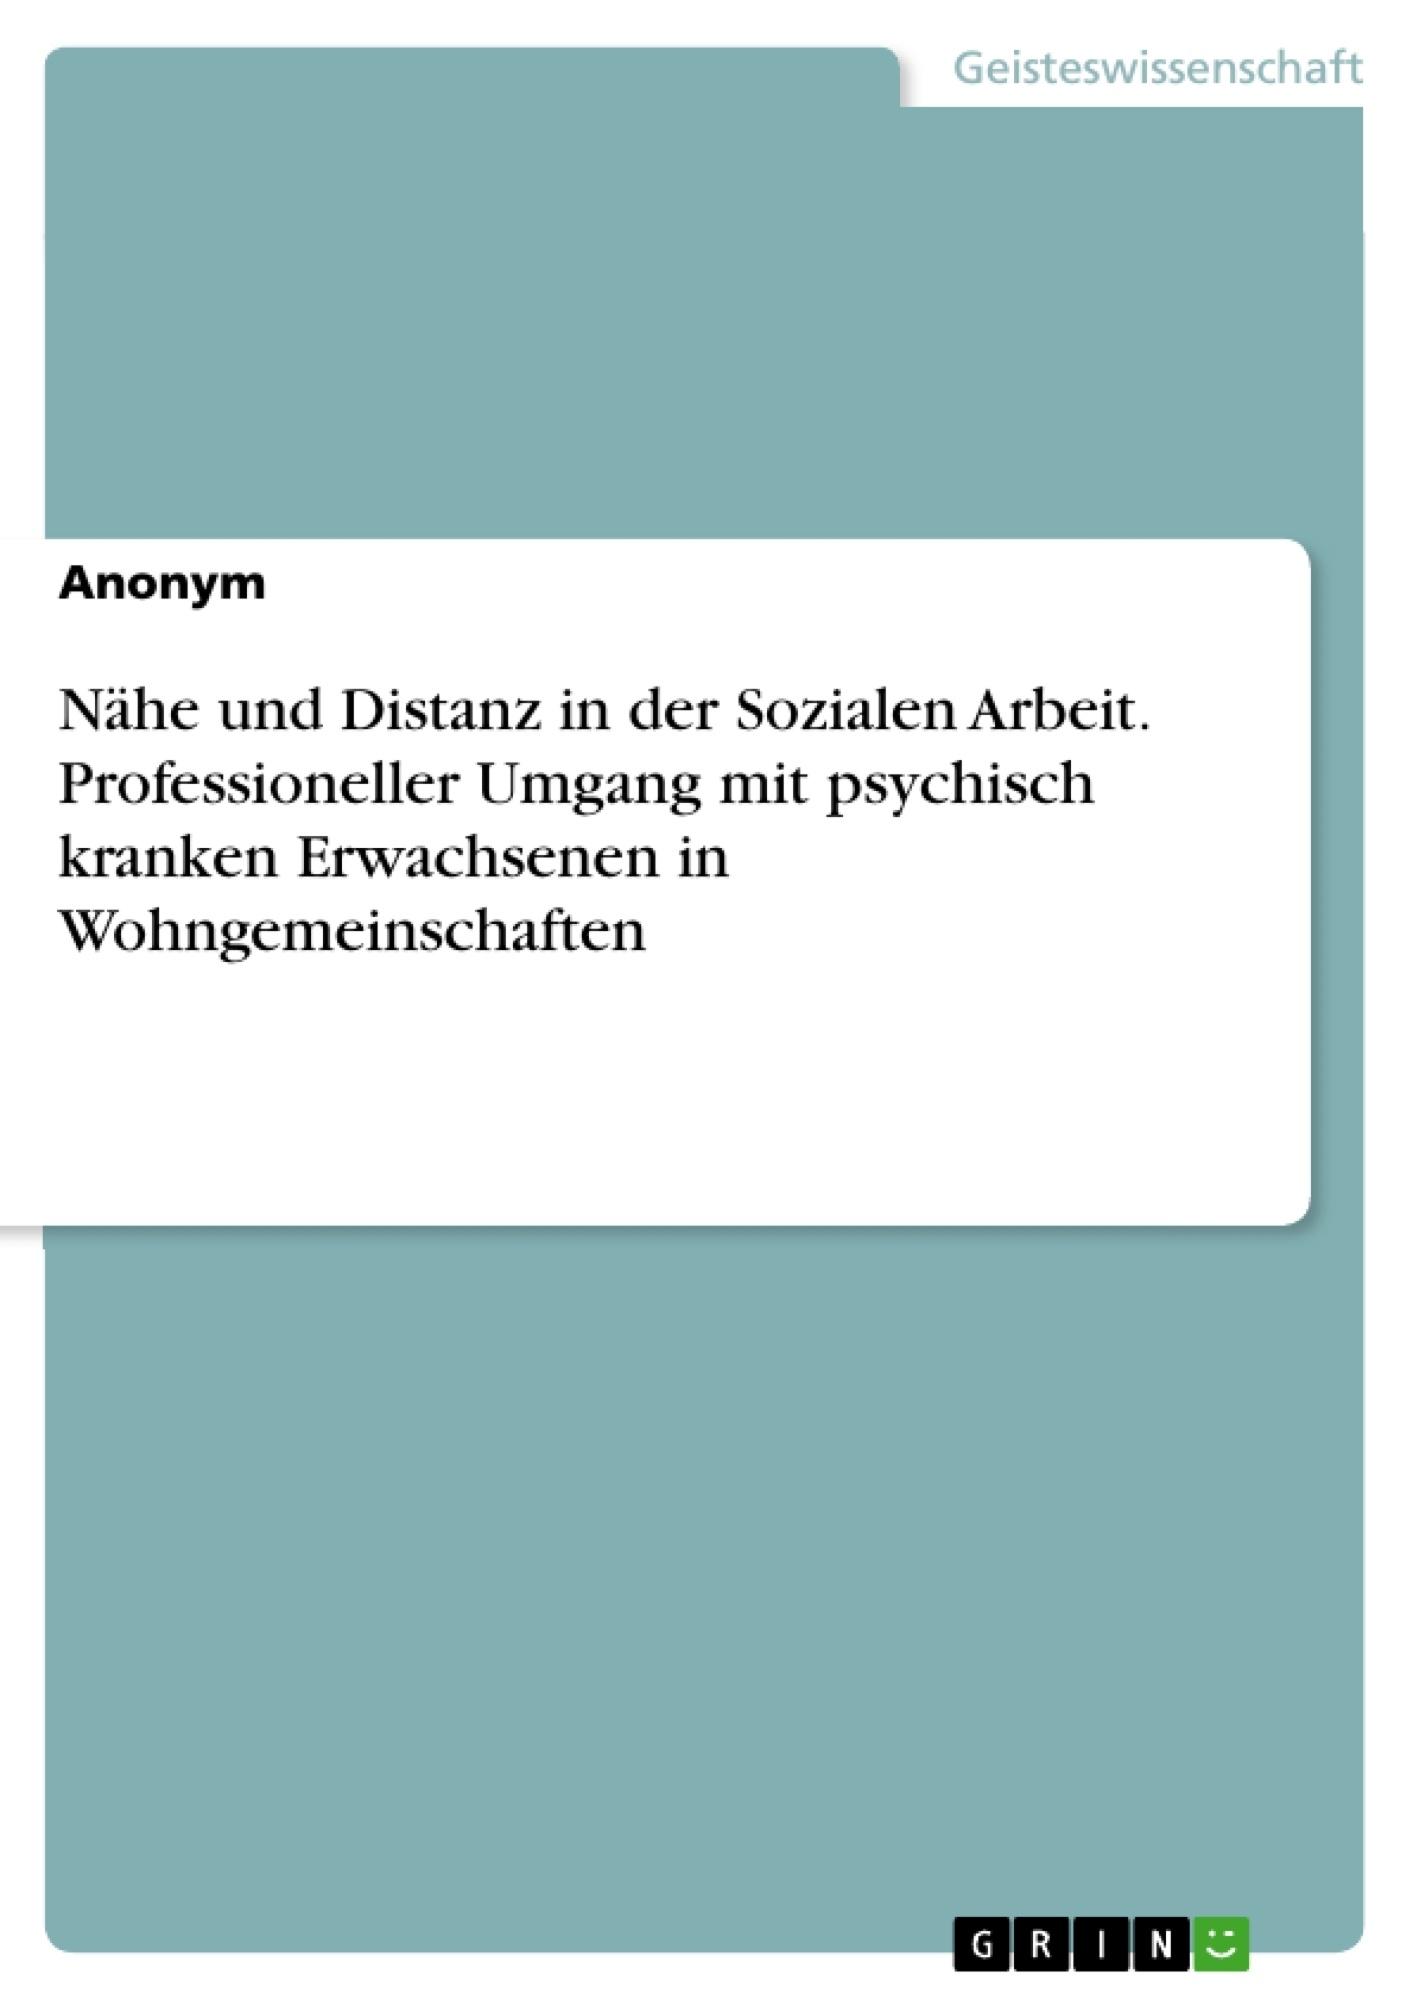 Titel: Nähe und Distanz in der Sozialen Arbeit. Professioneller Umgang mit psychisch kranken Erwachsenen in Wohngemeinschaften